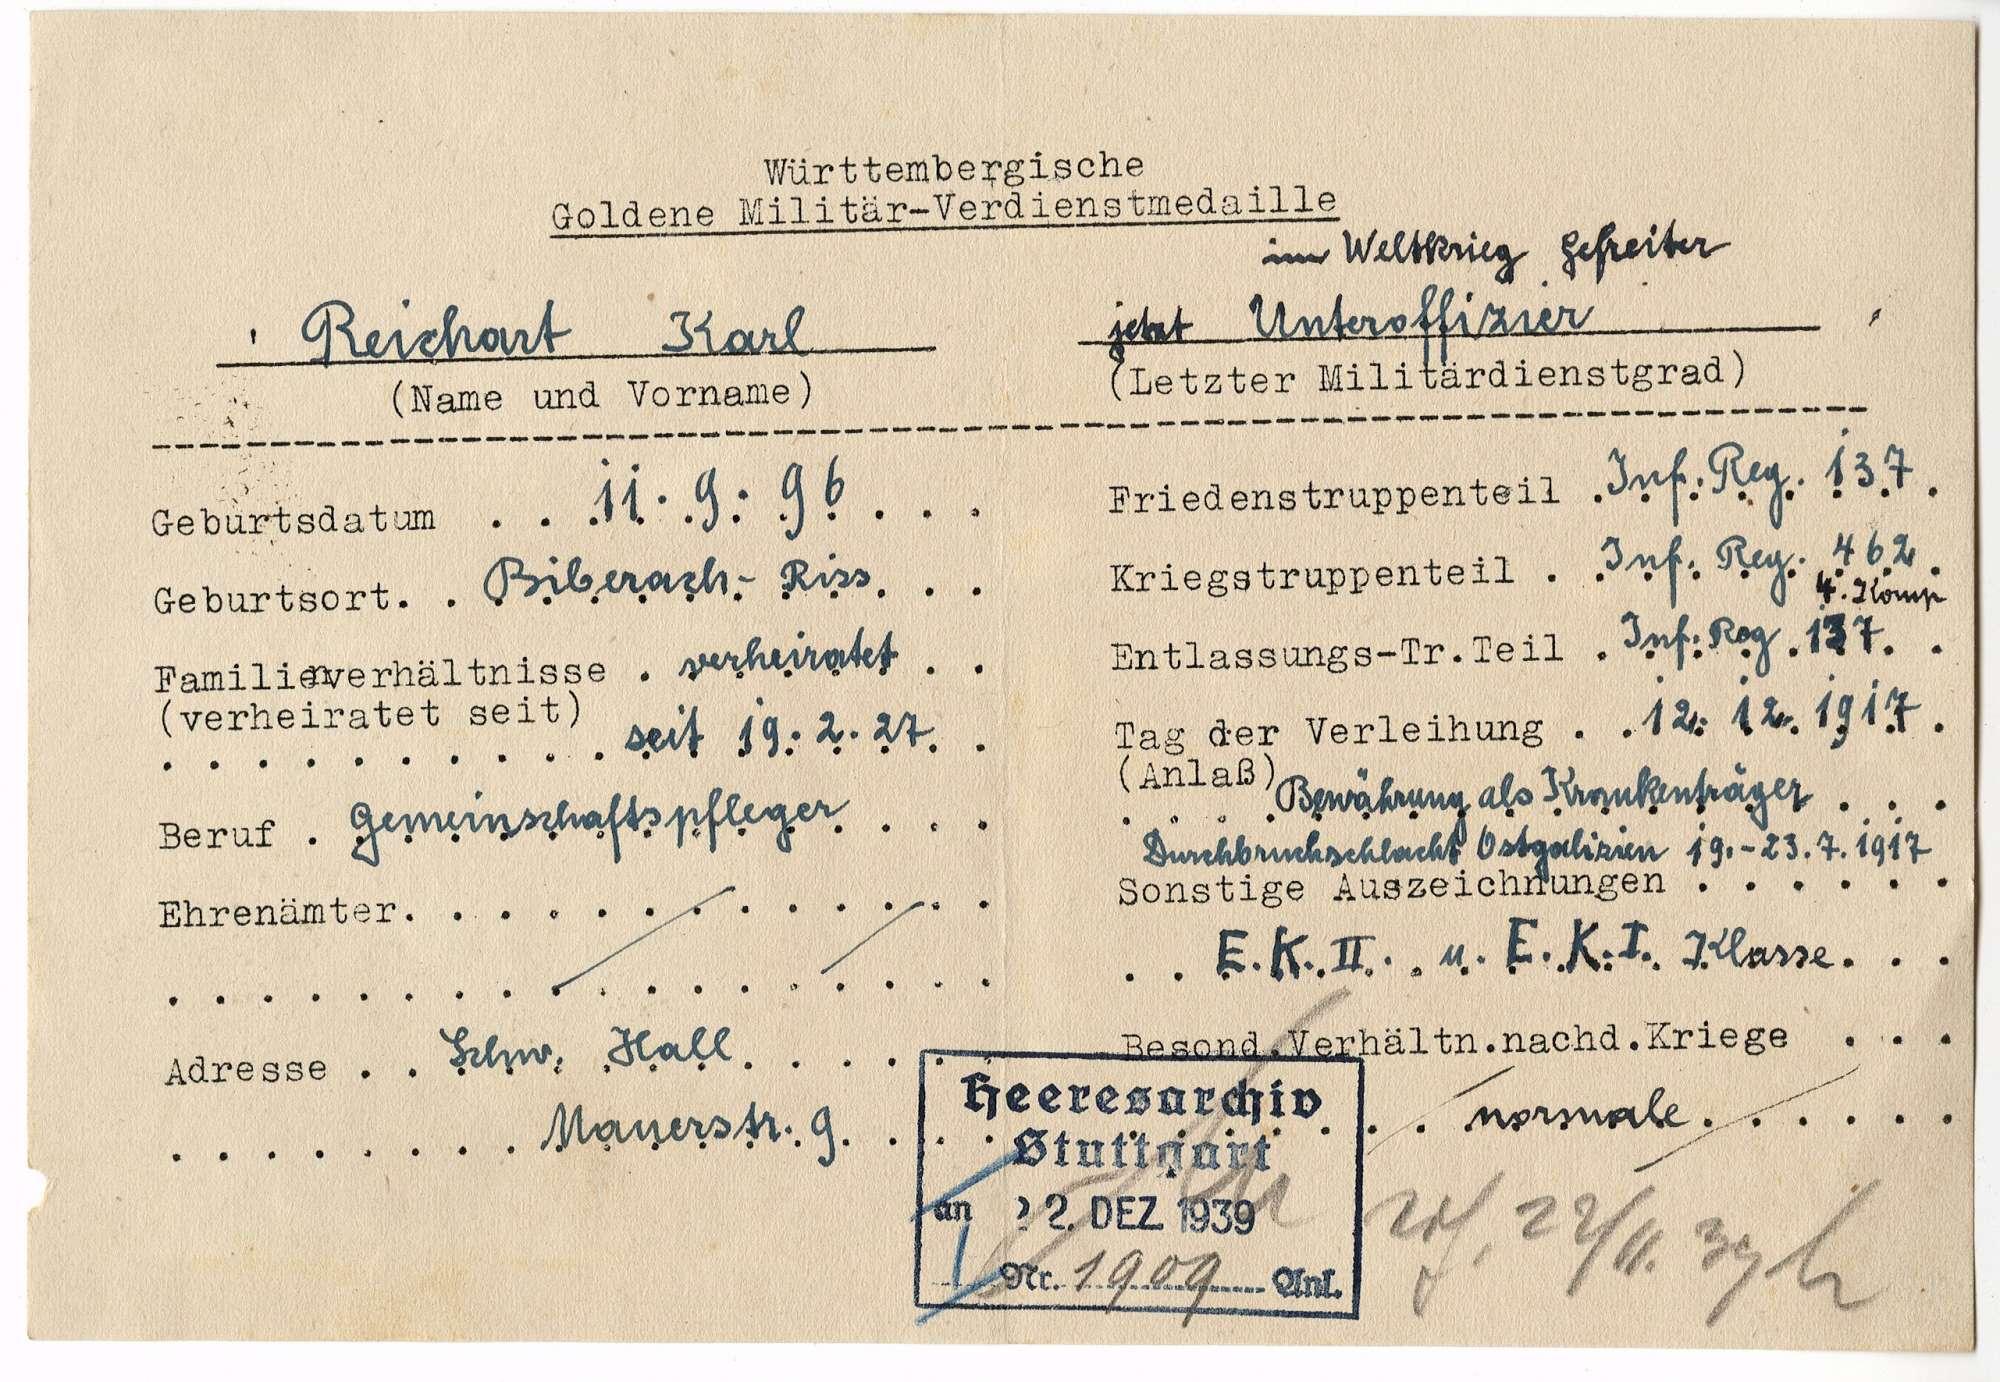 Reichart, Karl, Bild 3